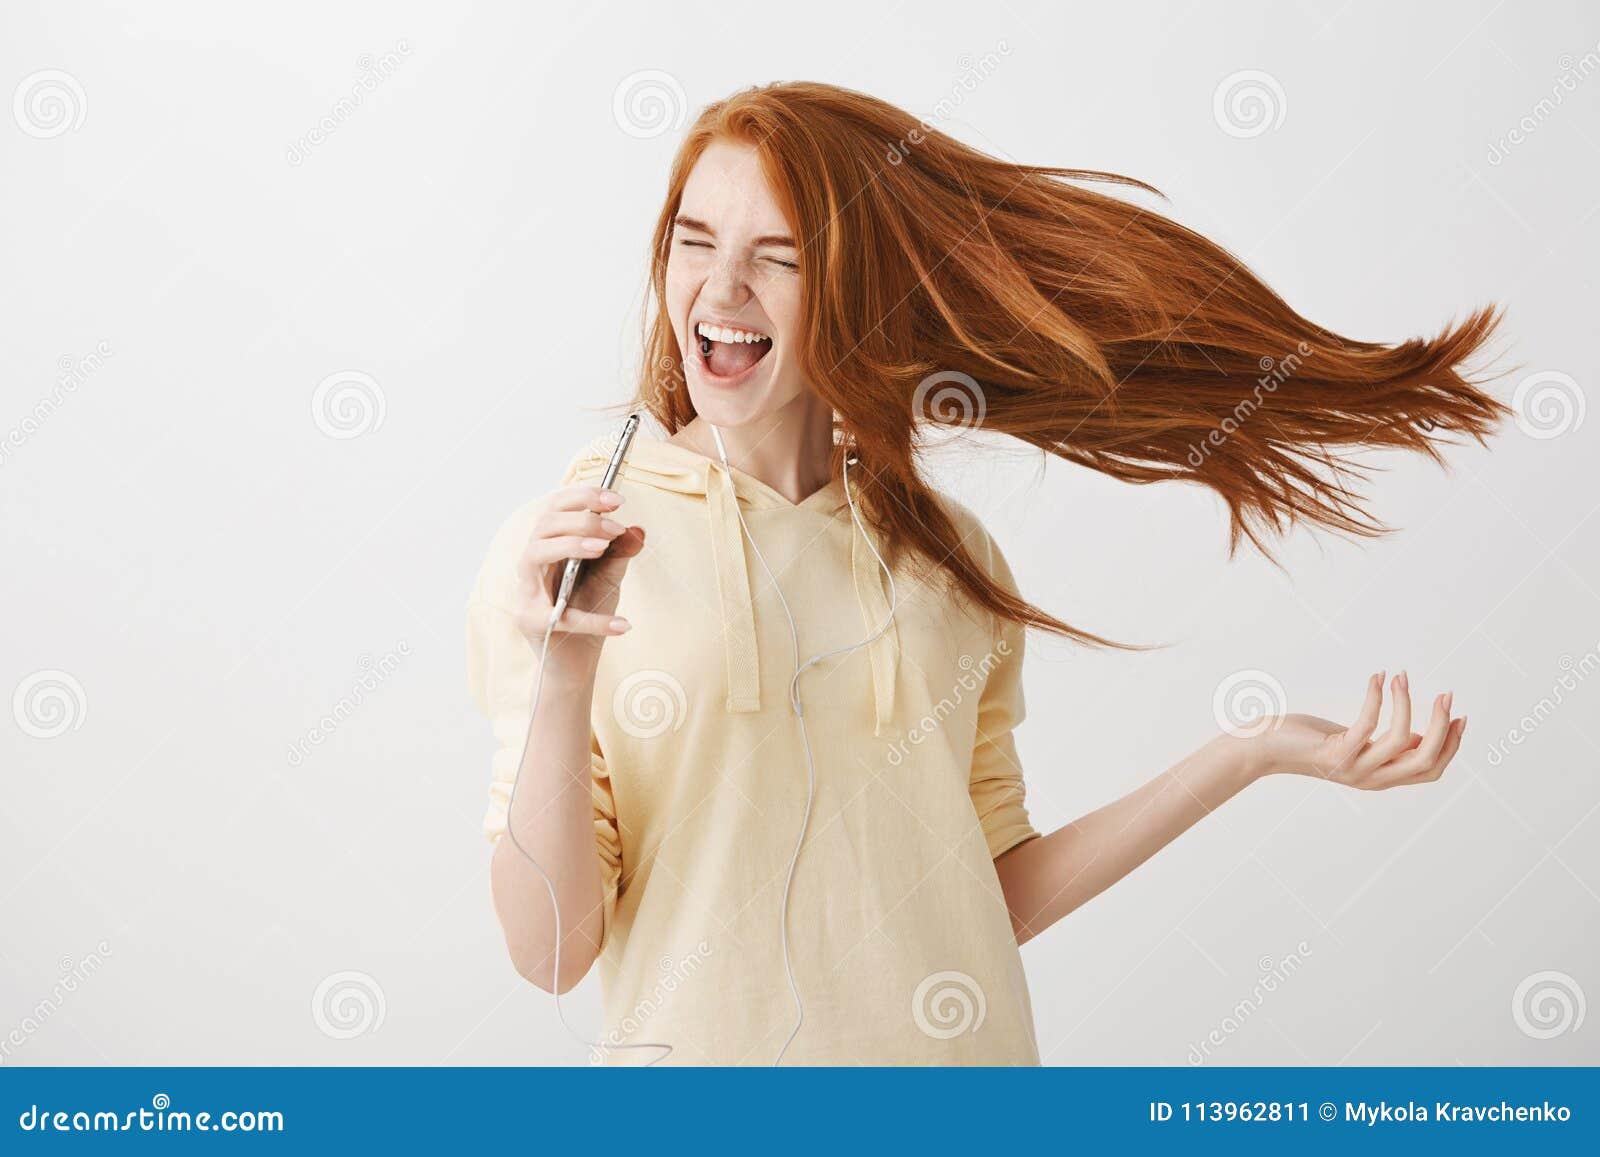 De muziek voert vertrouwen en geluk op Portret van gevoels charmante vrouw met rood haar die en het zingen lied dansen